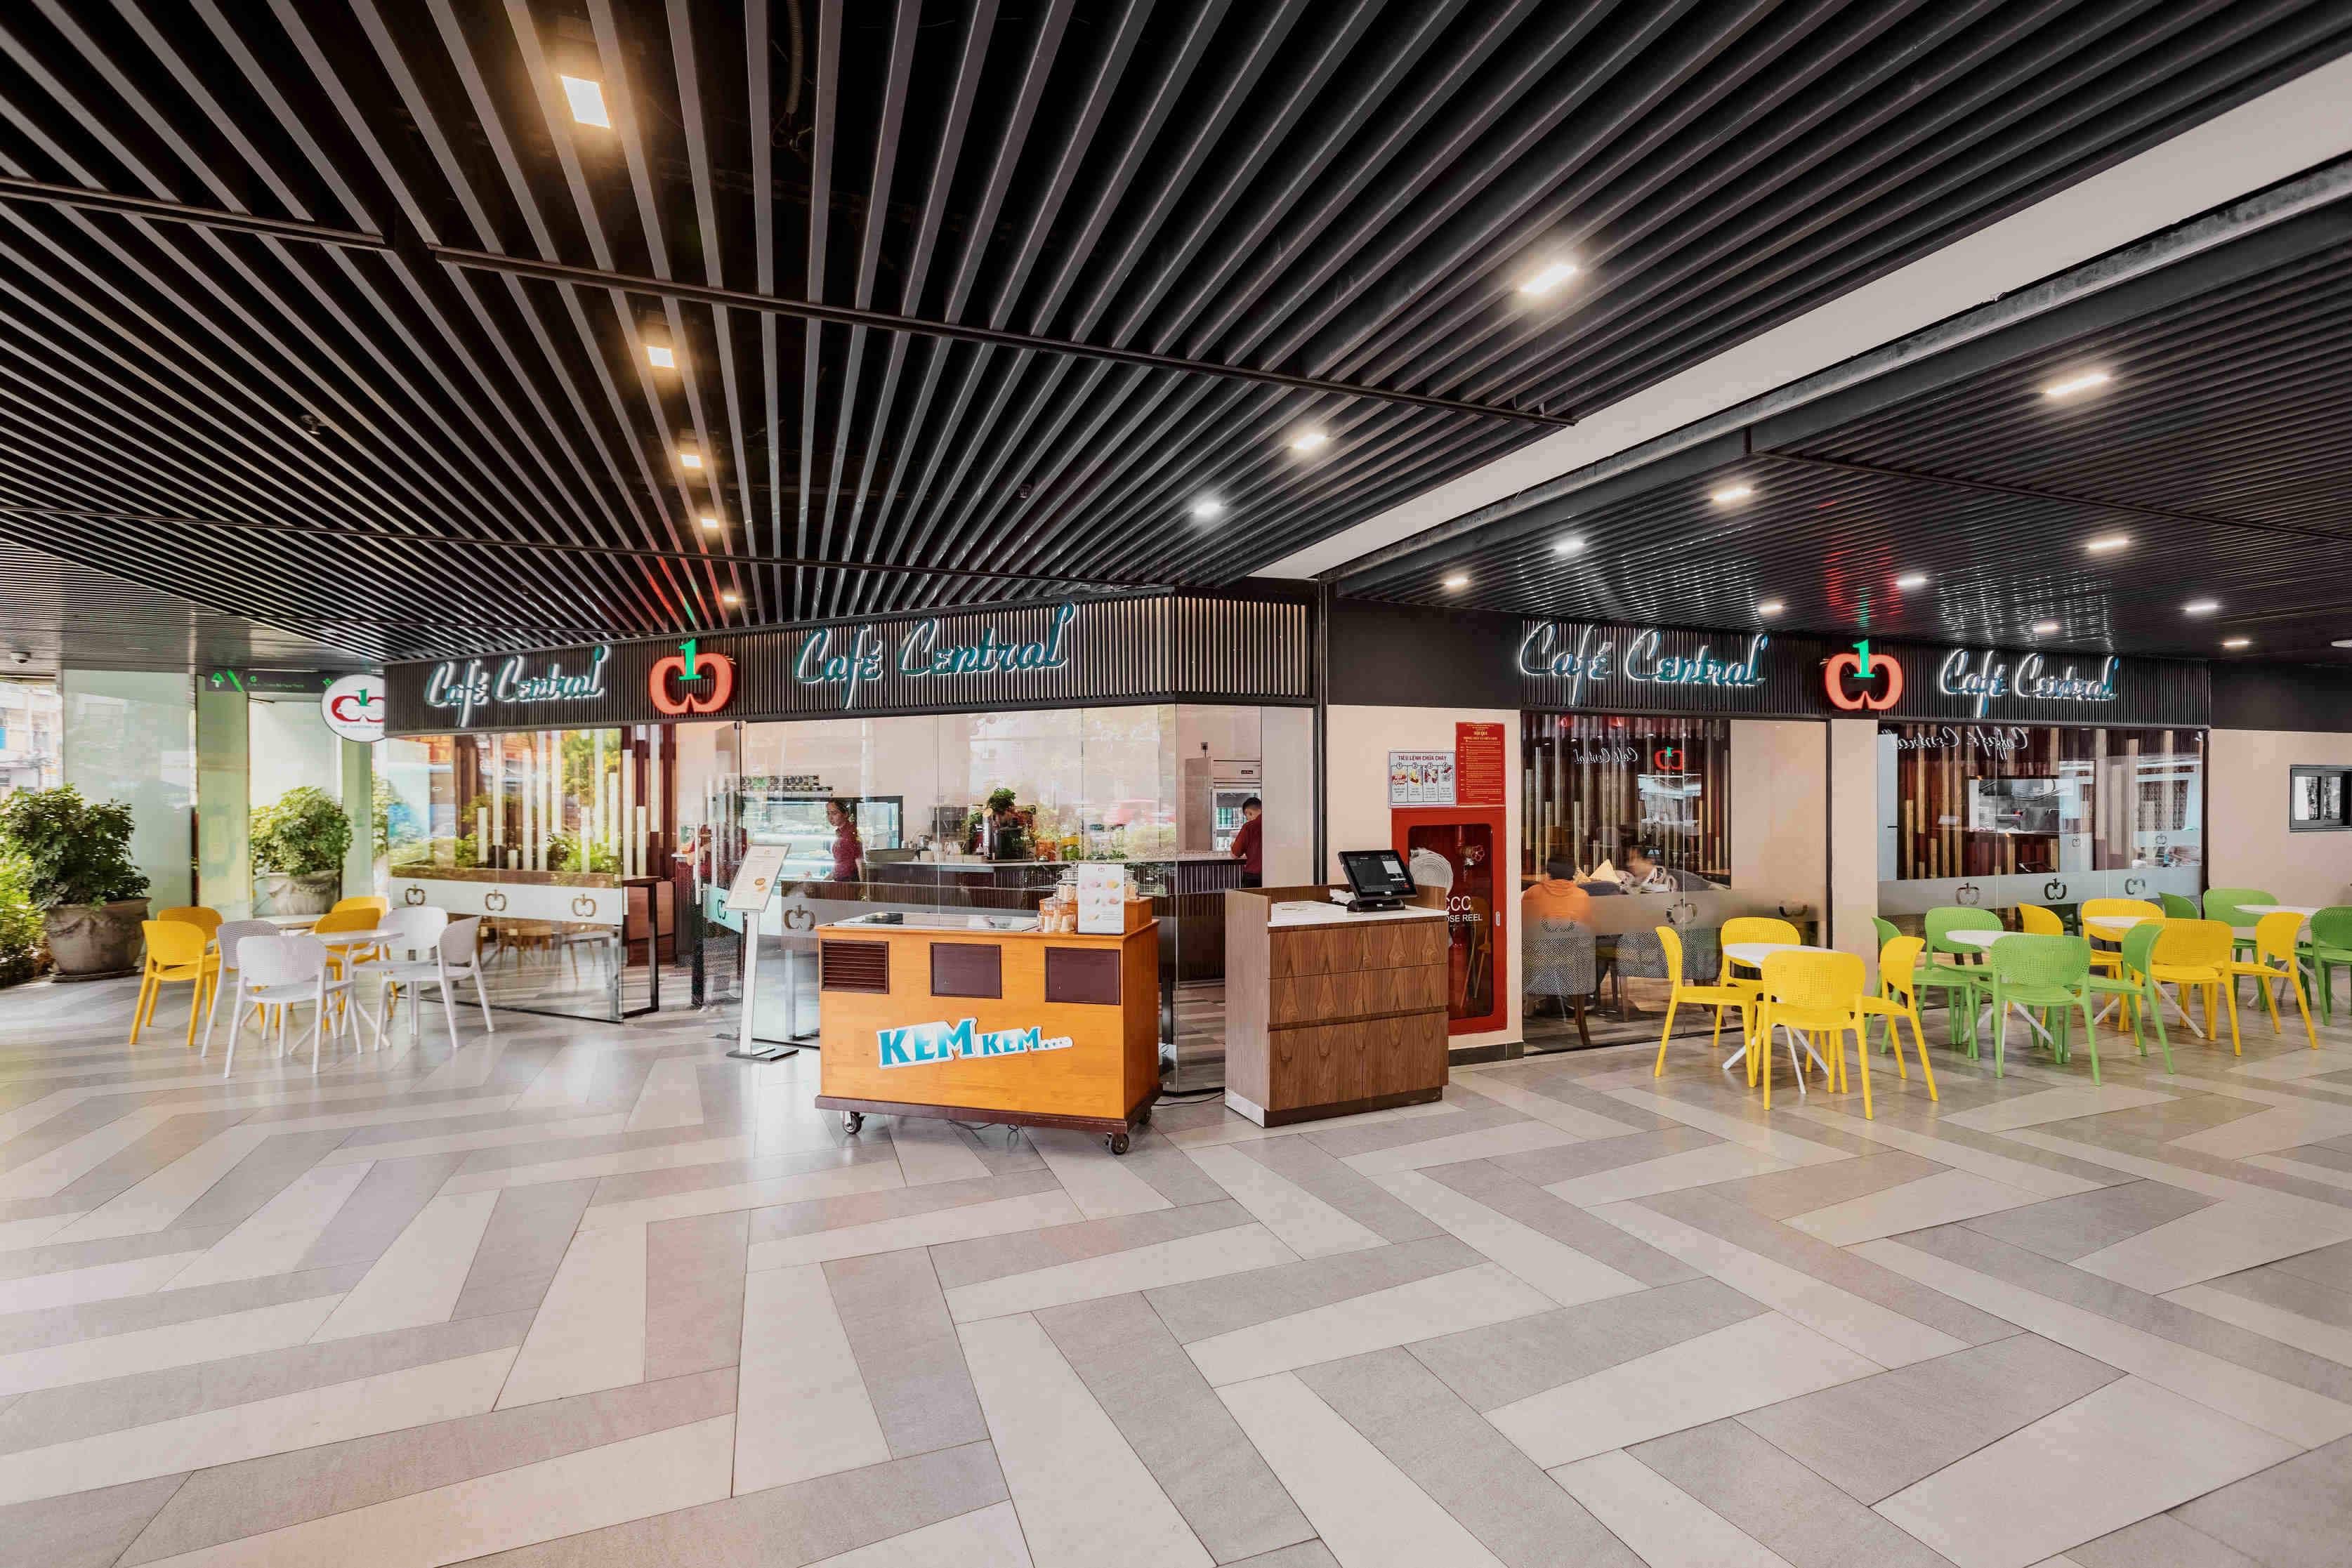 nhà hàng café central the garden mall